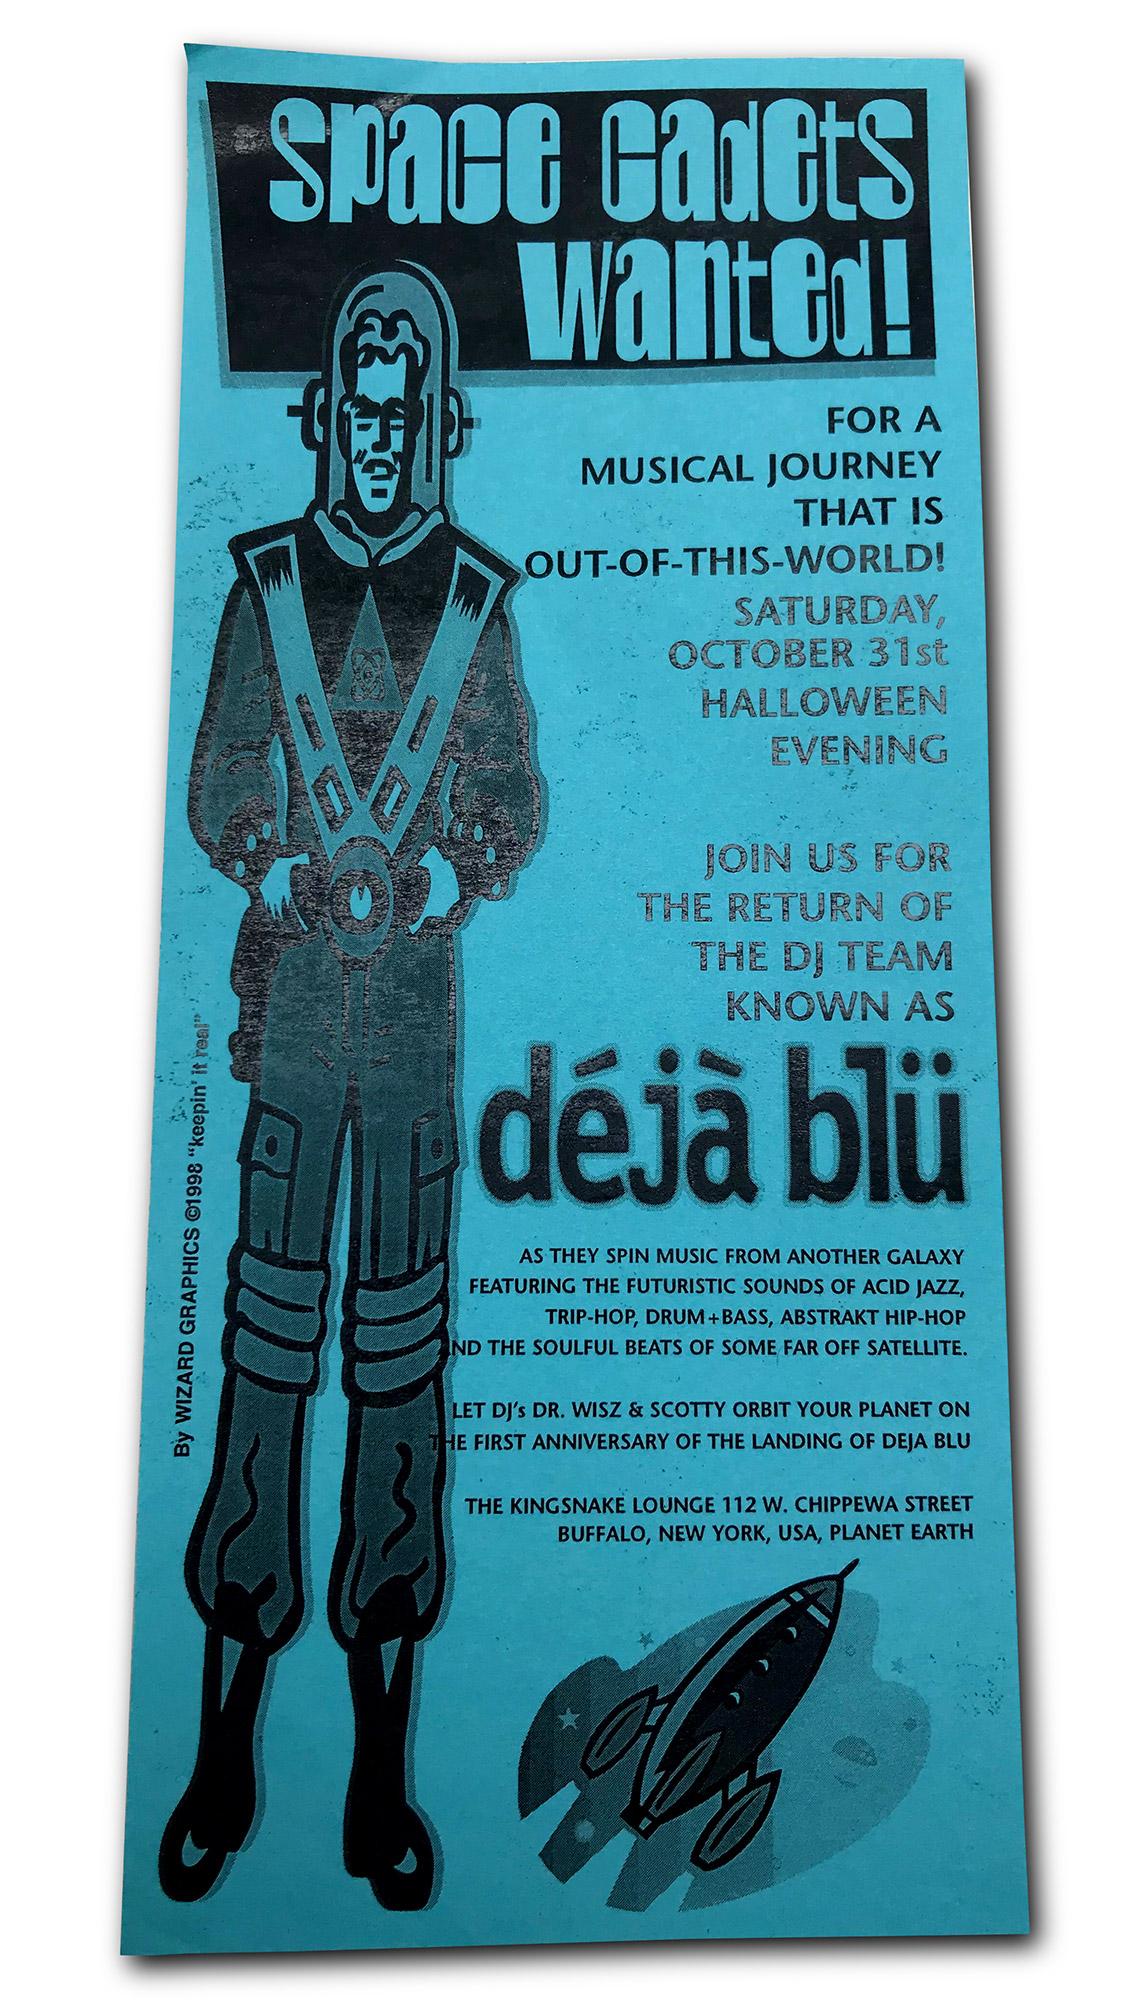 deja blu, dejablu, mark wisz, dj scotty, dj dr wisz, kingsnake lounge, buffalo ny, poster design, flyer design, mark wisz